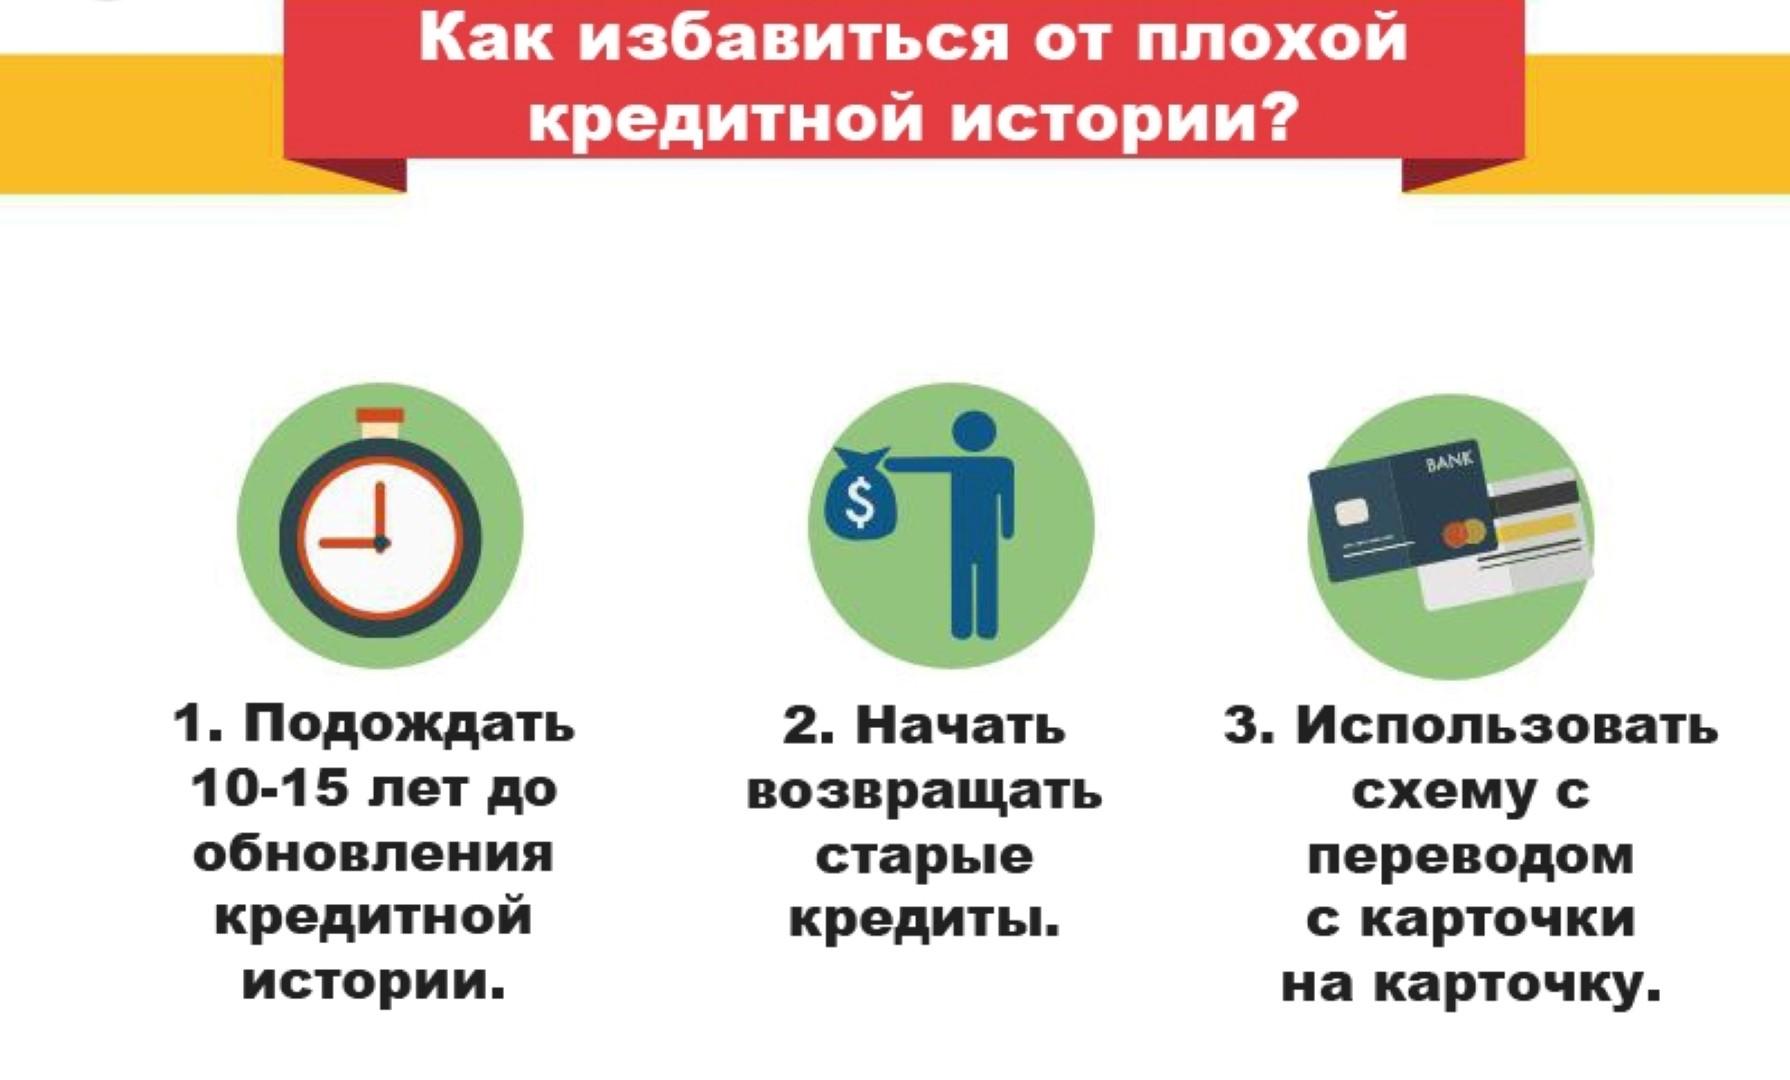 В каком случае можно получить кредит с плохой КИ в Почта Банке